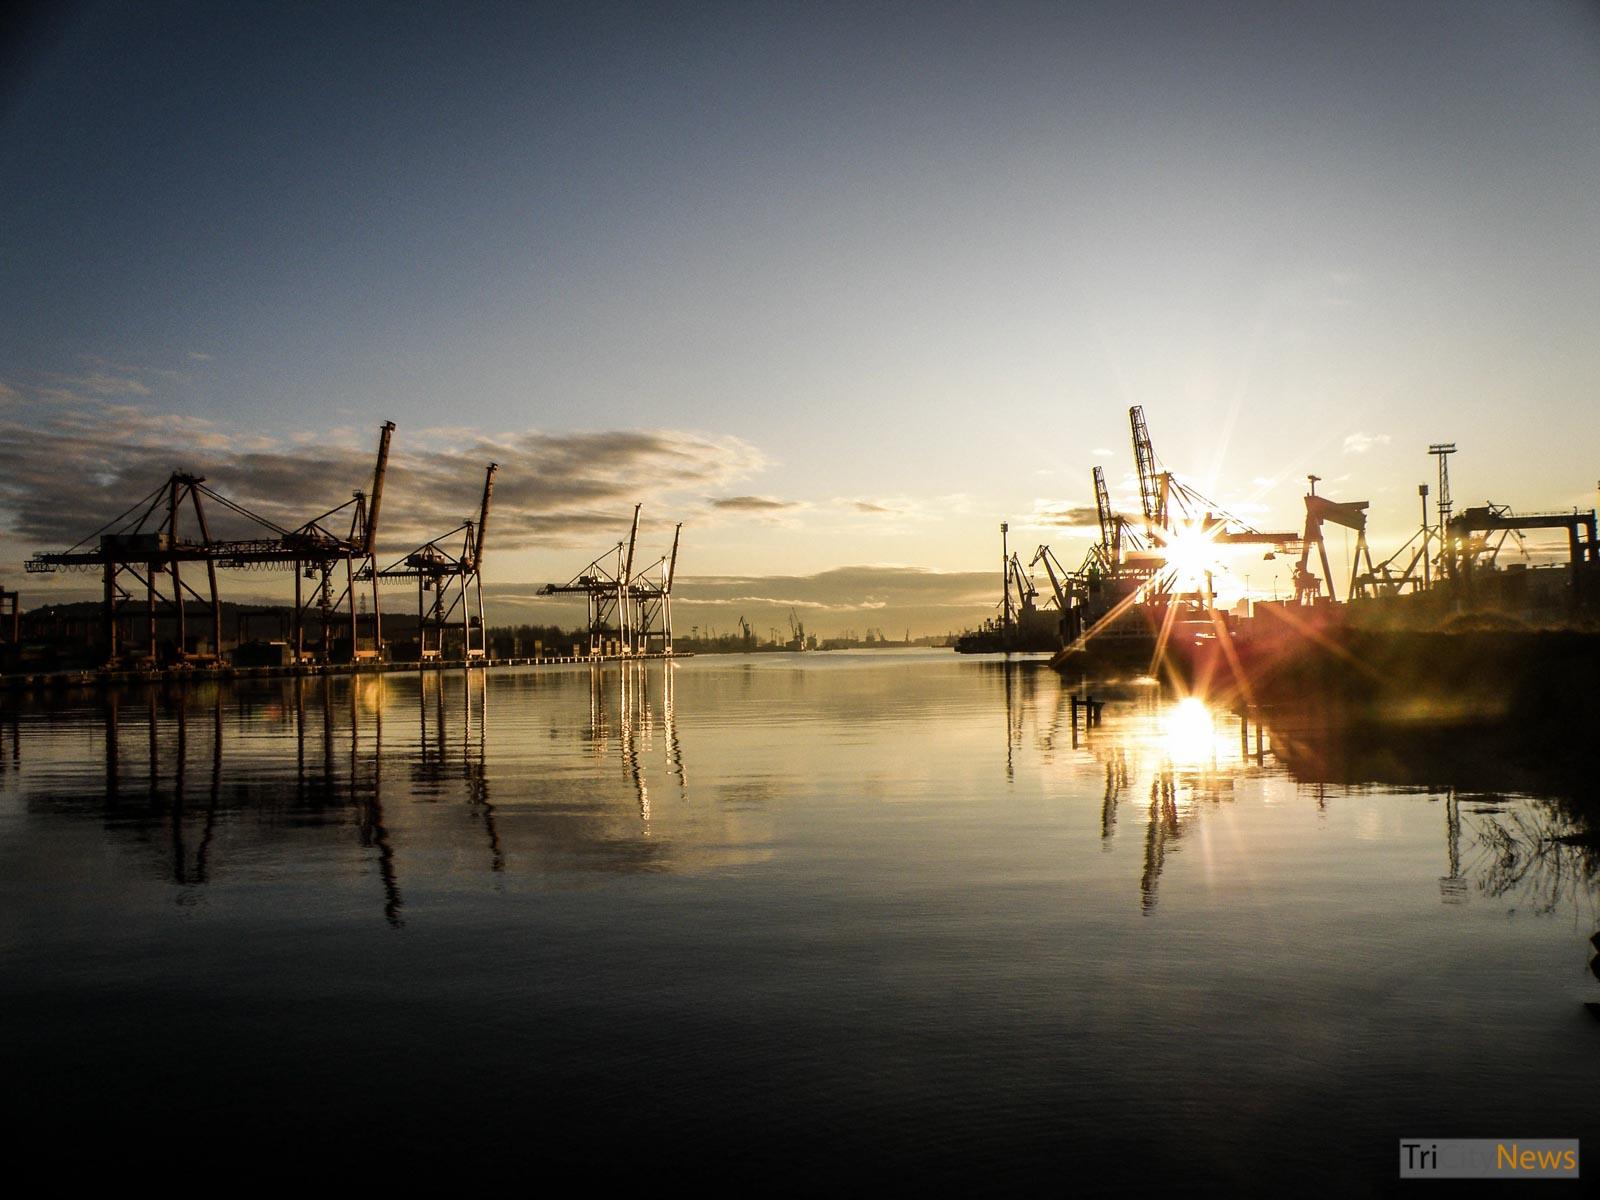 Gdynia - photo: Jakub Wozniak/Tricity News